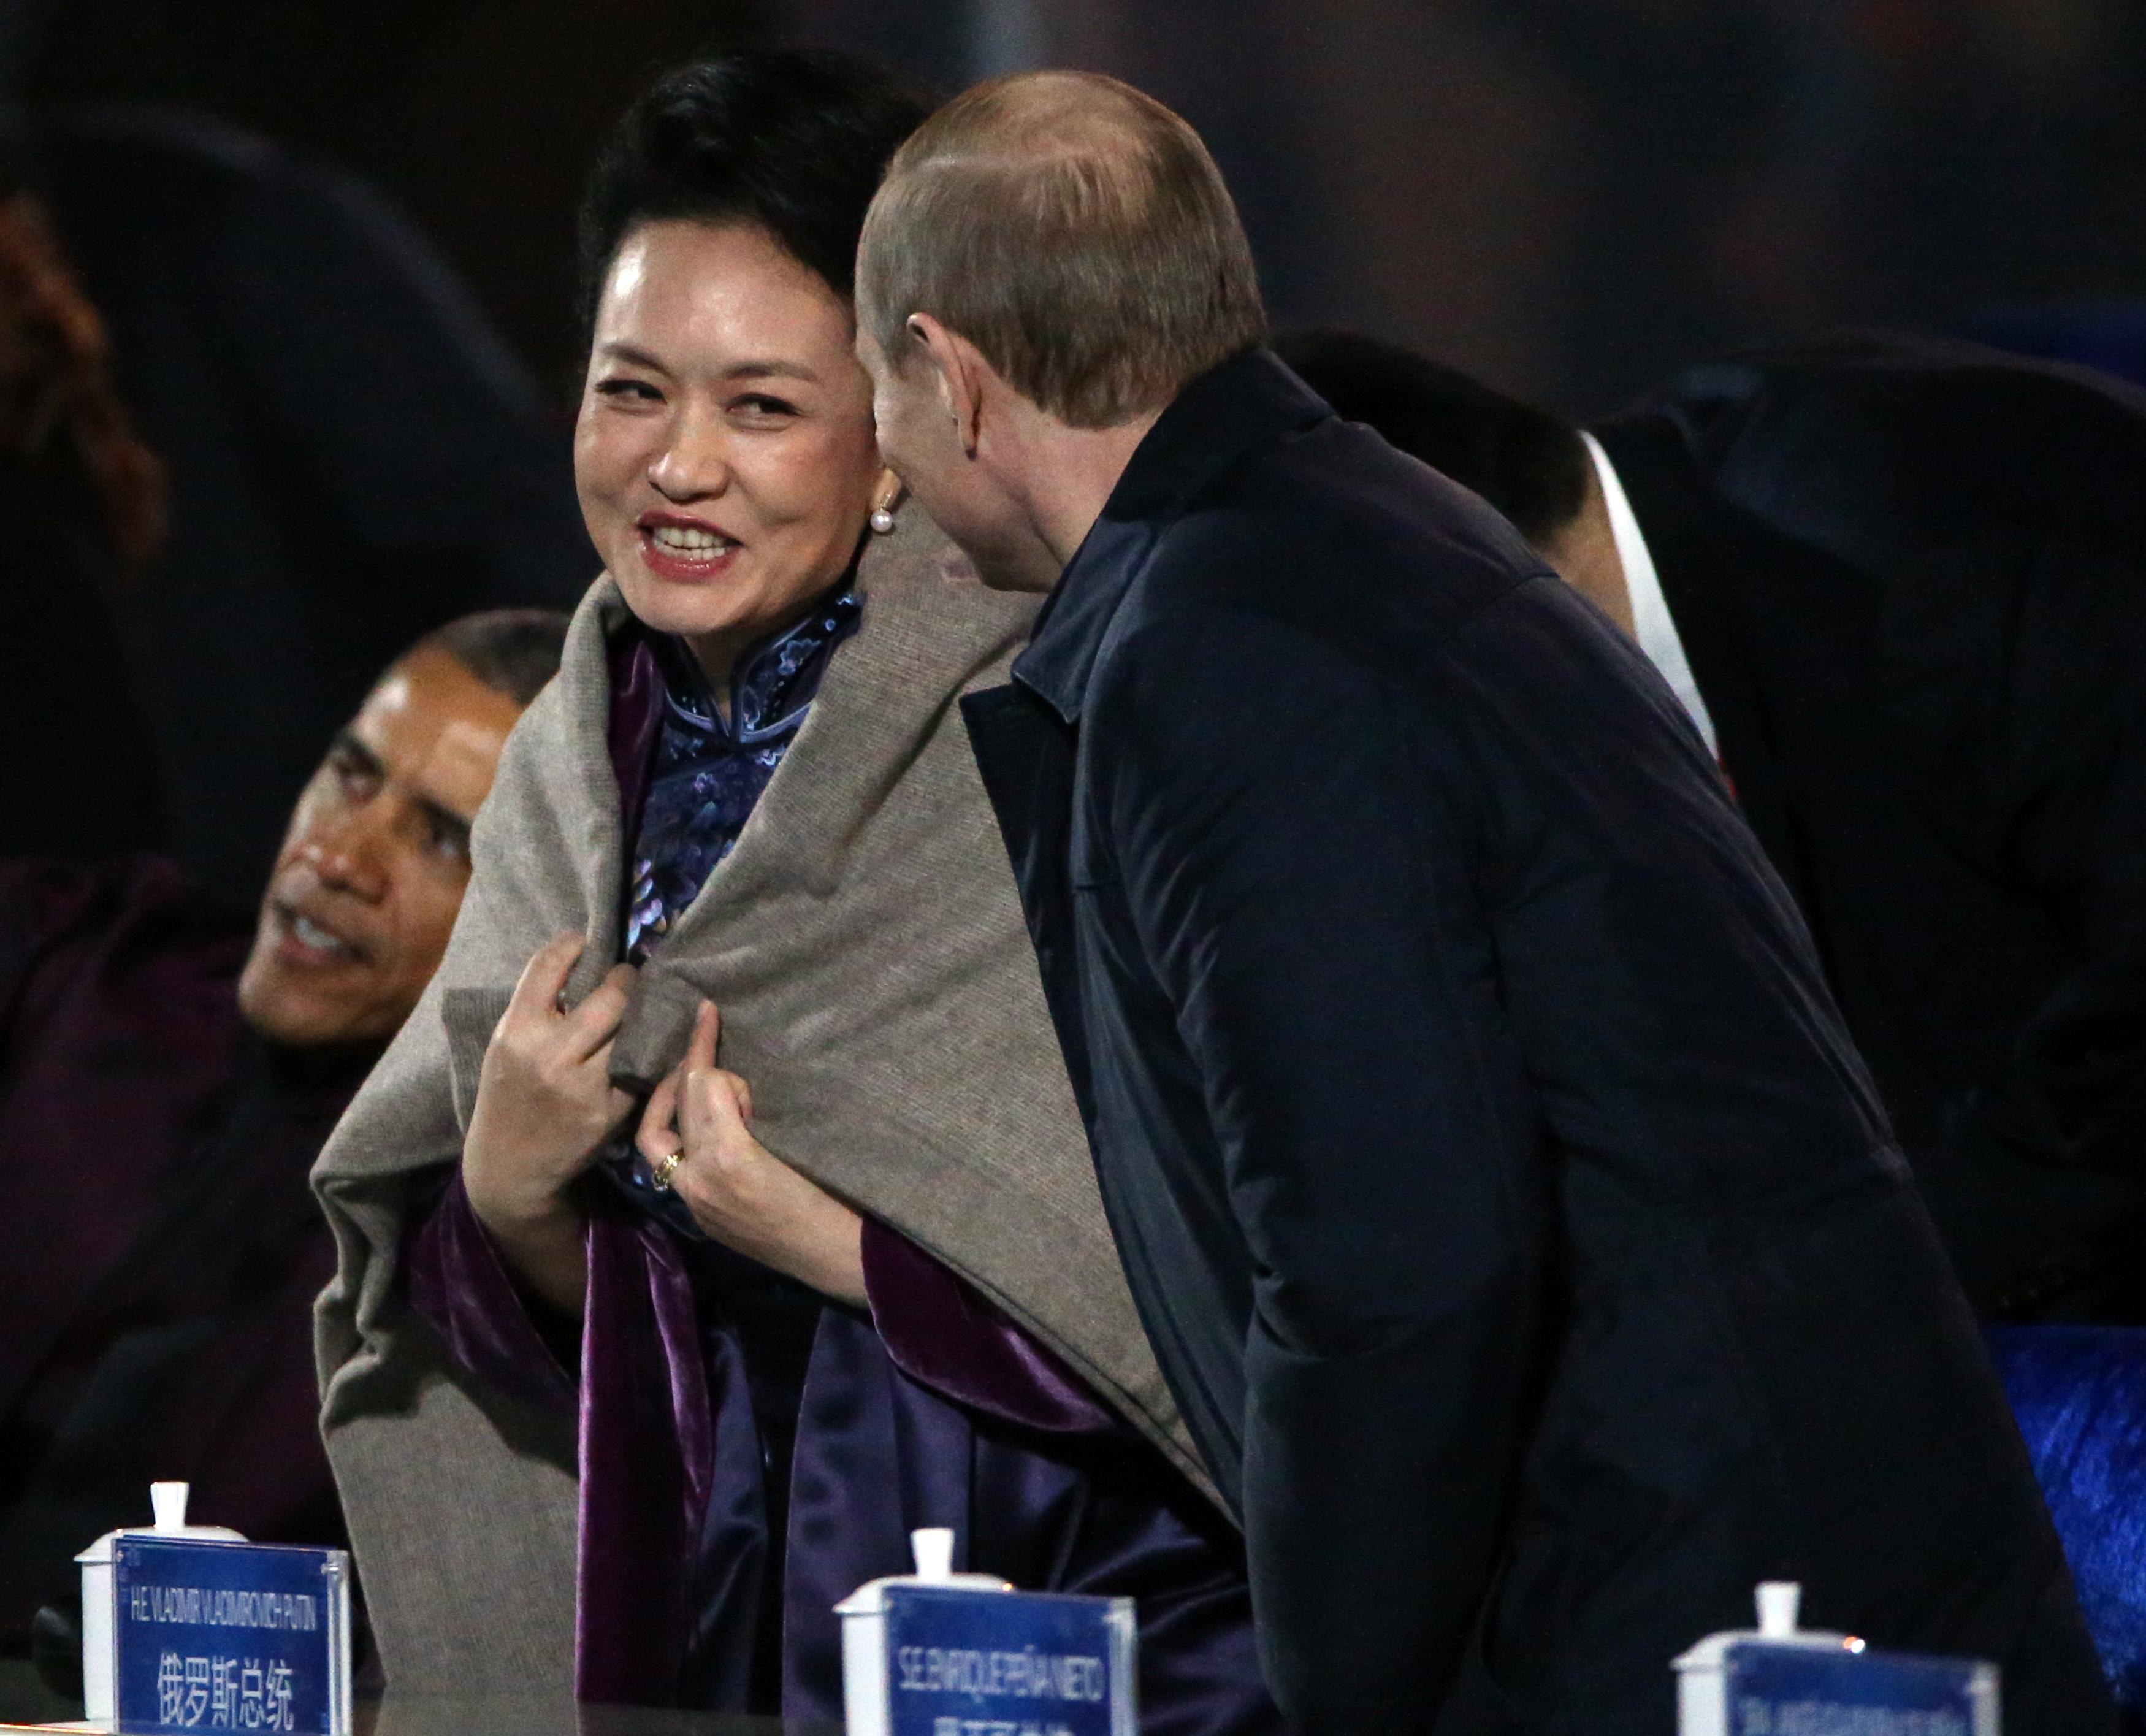 2014年11月ウラジーミル・プーチン大統領は北京で行われたアジア太平洋経済協力(APEC)首脳会議のイベントで、習近平主席の彭麗媛夫人の肩に毛布をかけた。これは外交スキャンダルを刺激しかねないほど、世界のインターネットで話題になった。世界のマスメディアは、このふるまいが中国社会で誤解される可能性があると指摘。中国では他人が女性に触ることに抵抗感が強い。ロシアのドミトリー・ペスコフ大統領報道官は、この場面にさまざまな憶測がなされていることについて、「考えすぎ、不要な議論」と述べた。「伝統であろうとなかろうと、女性であろうとなかろうと、寒さは誰にとっても同じ」とペスコフ報道官。